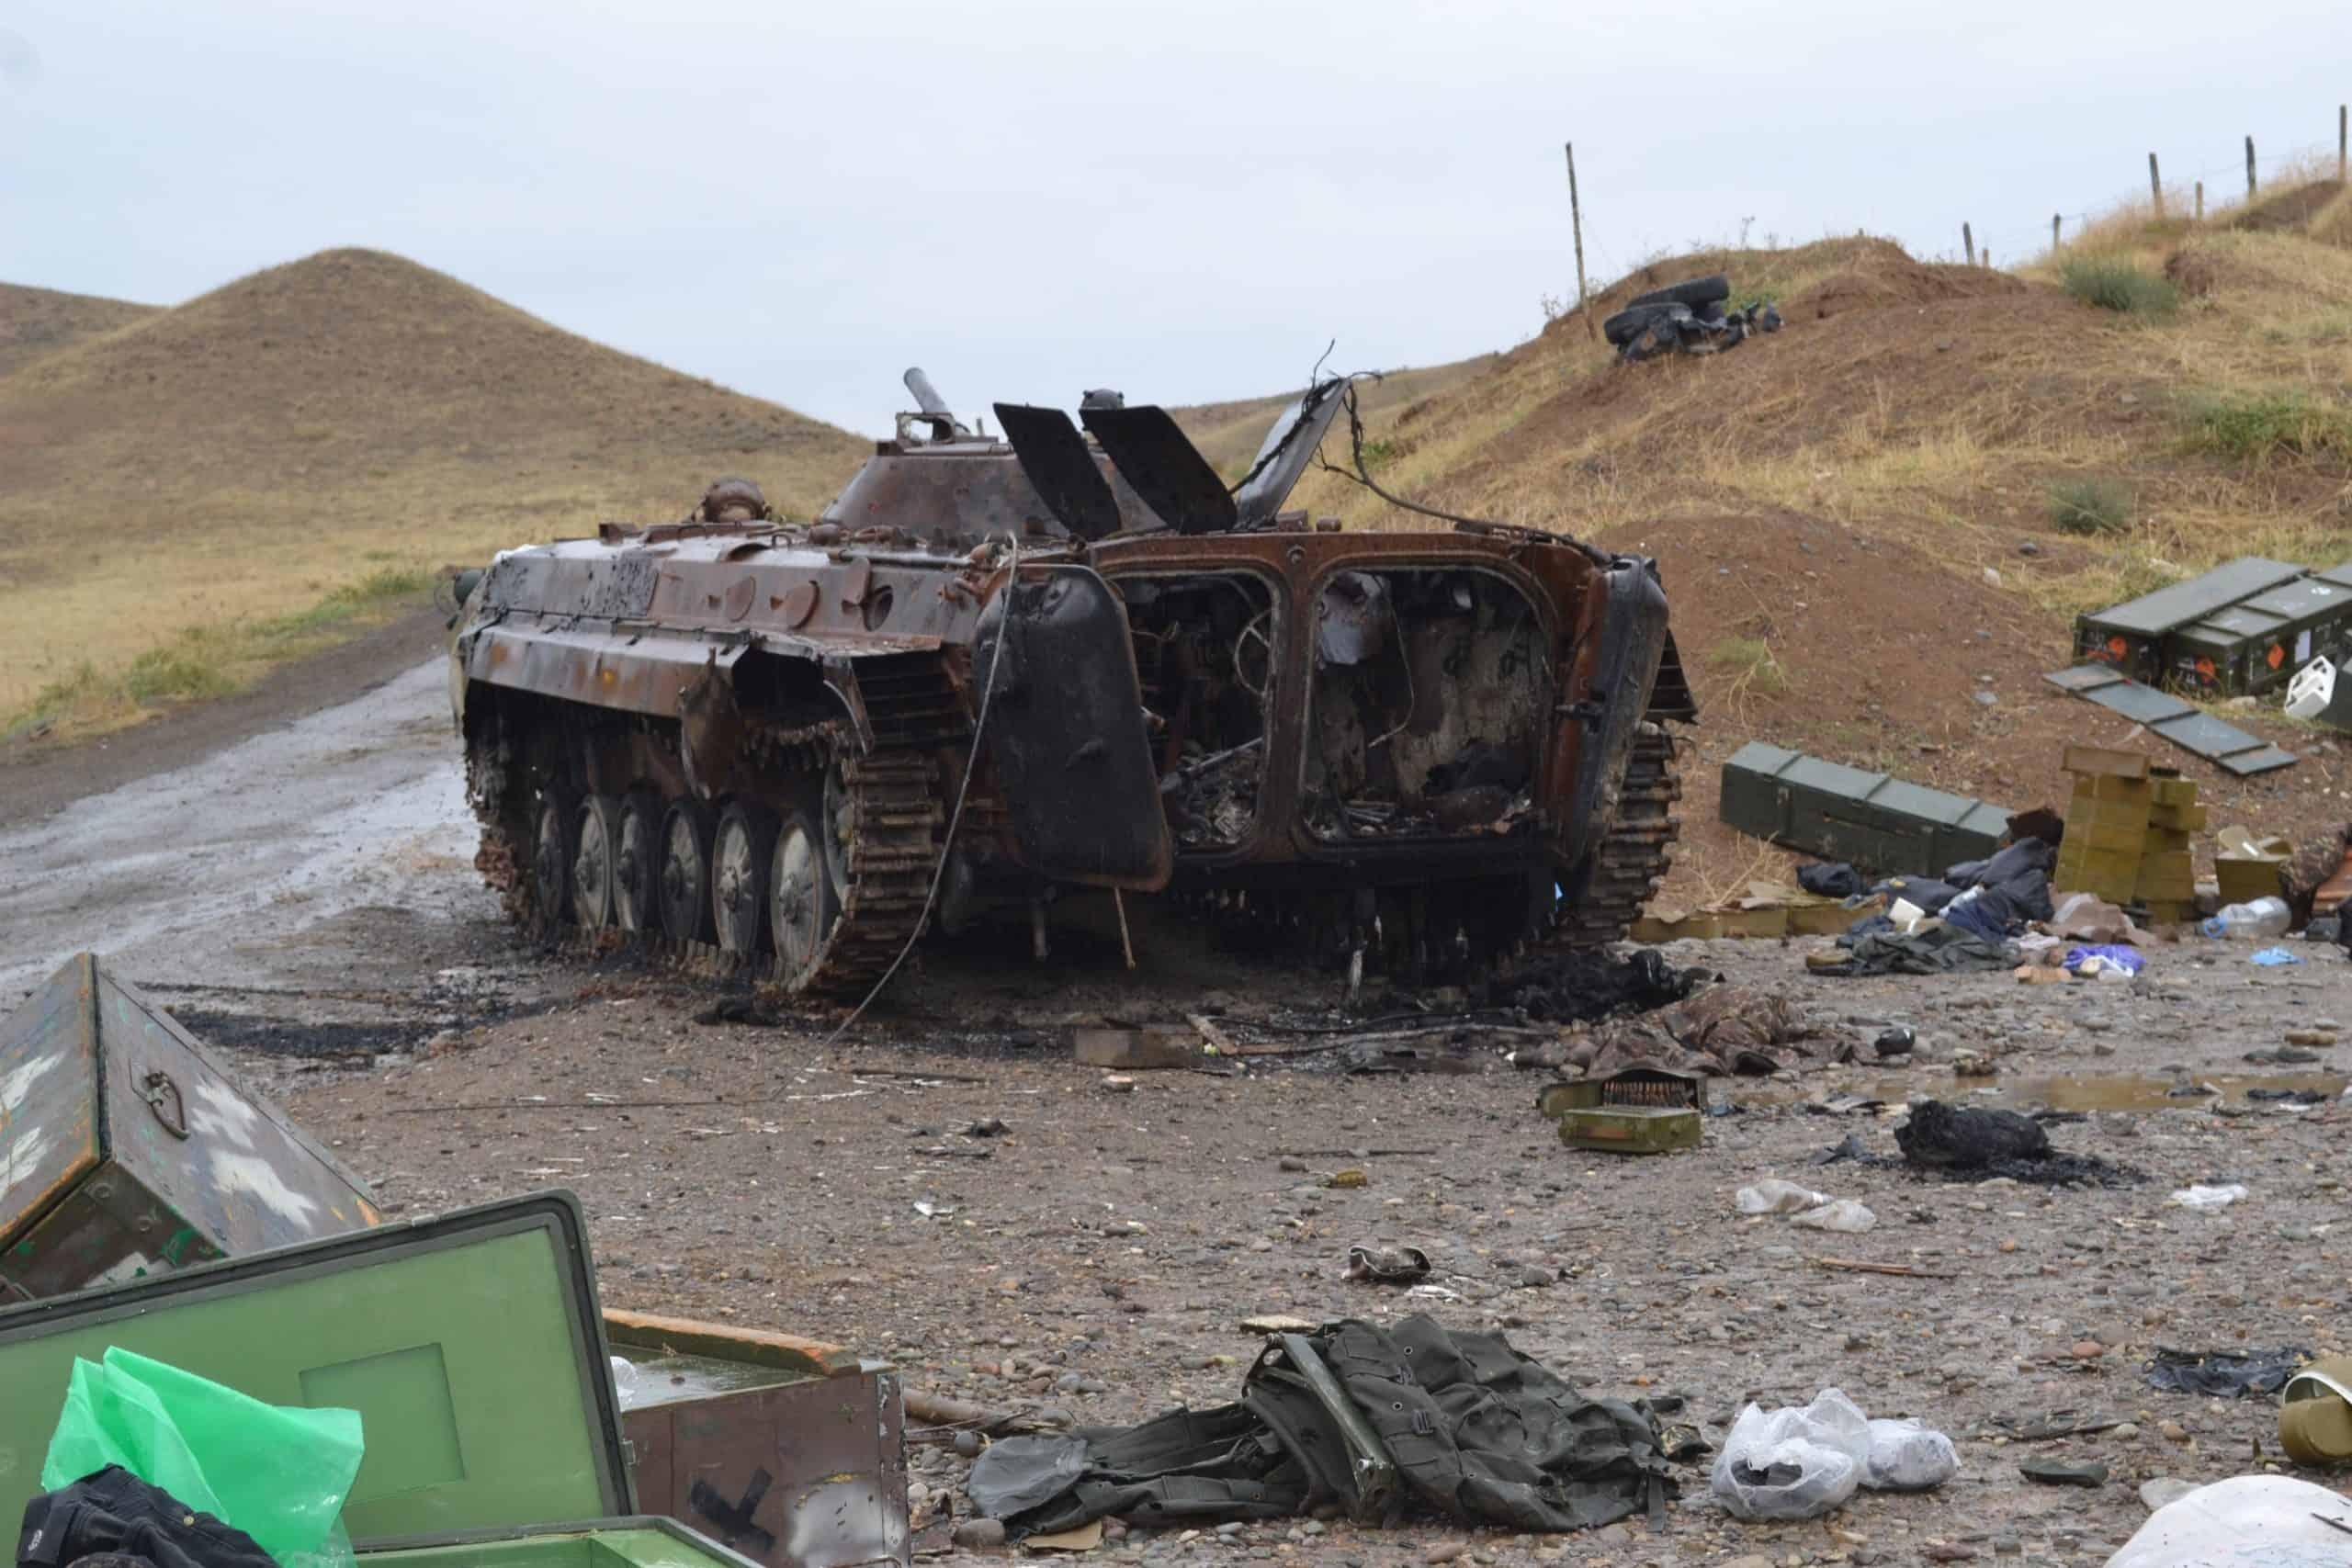 Знищена ударним БПЛА БМП-1 Вірменії у боях за Нагірний Карабах. Фото: МО Азербайджану